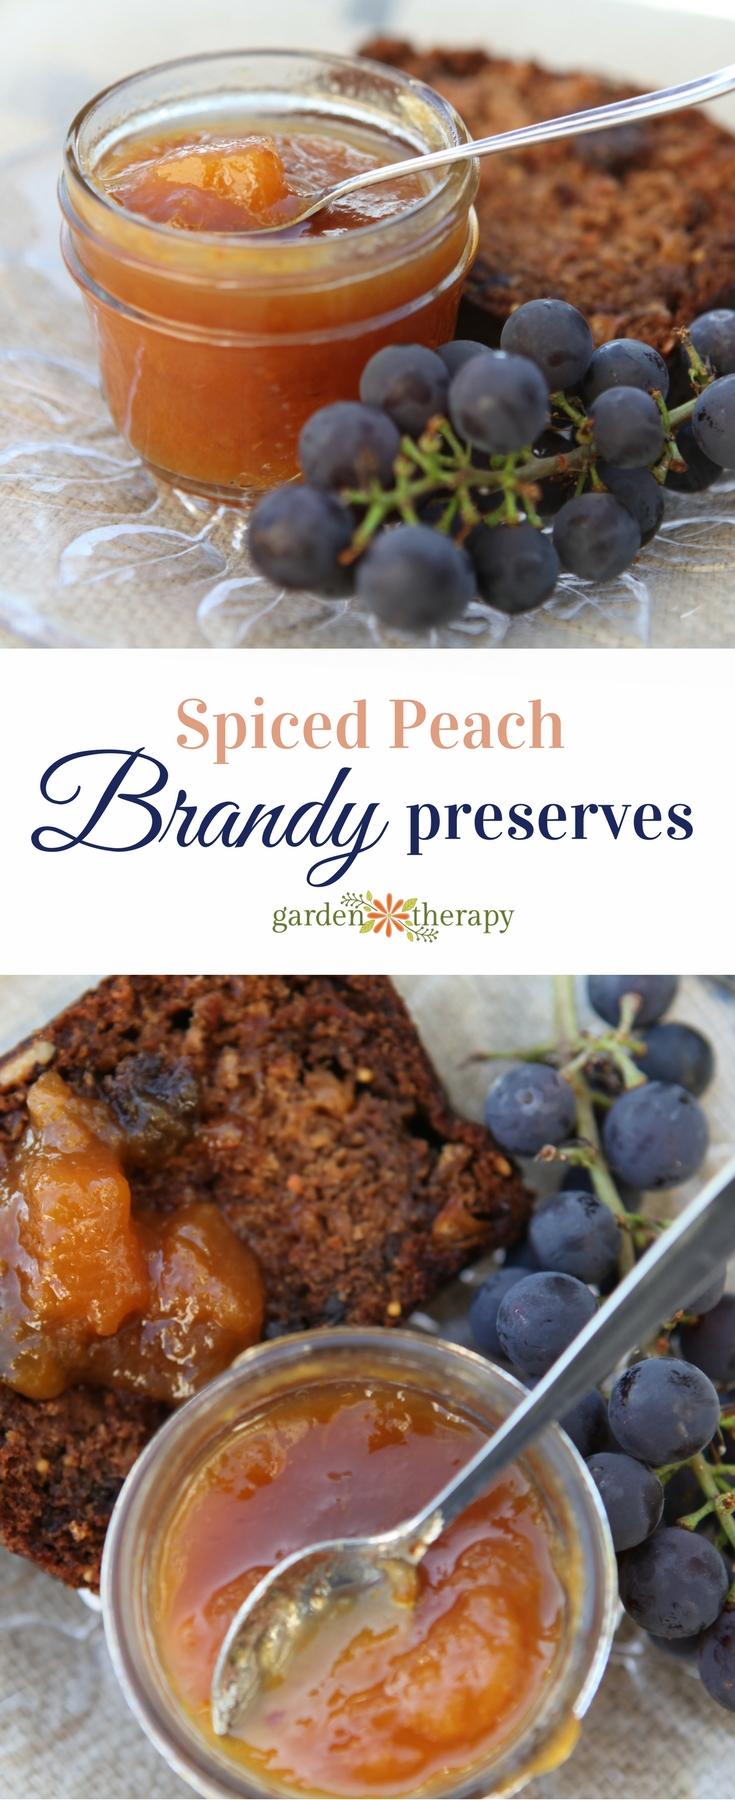 Spiced peach brandy preserves recipe